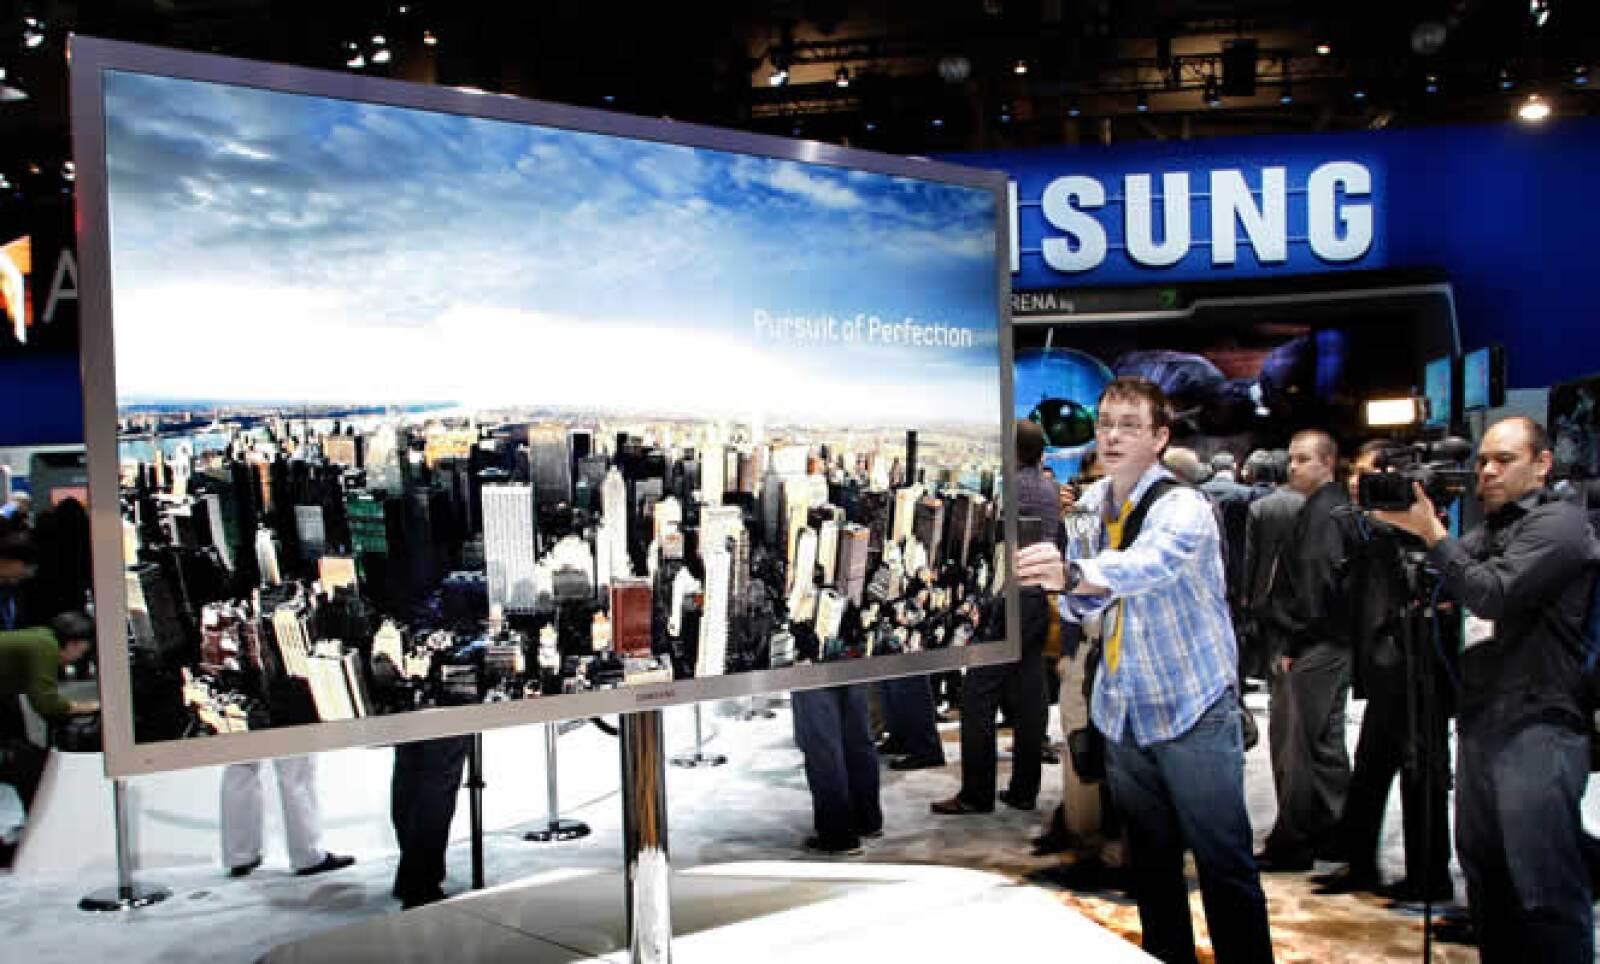 Un periodista prueba una pantalla tipo LED de alta definición de 75 pulgadas capaz de reproducir 3D